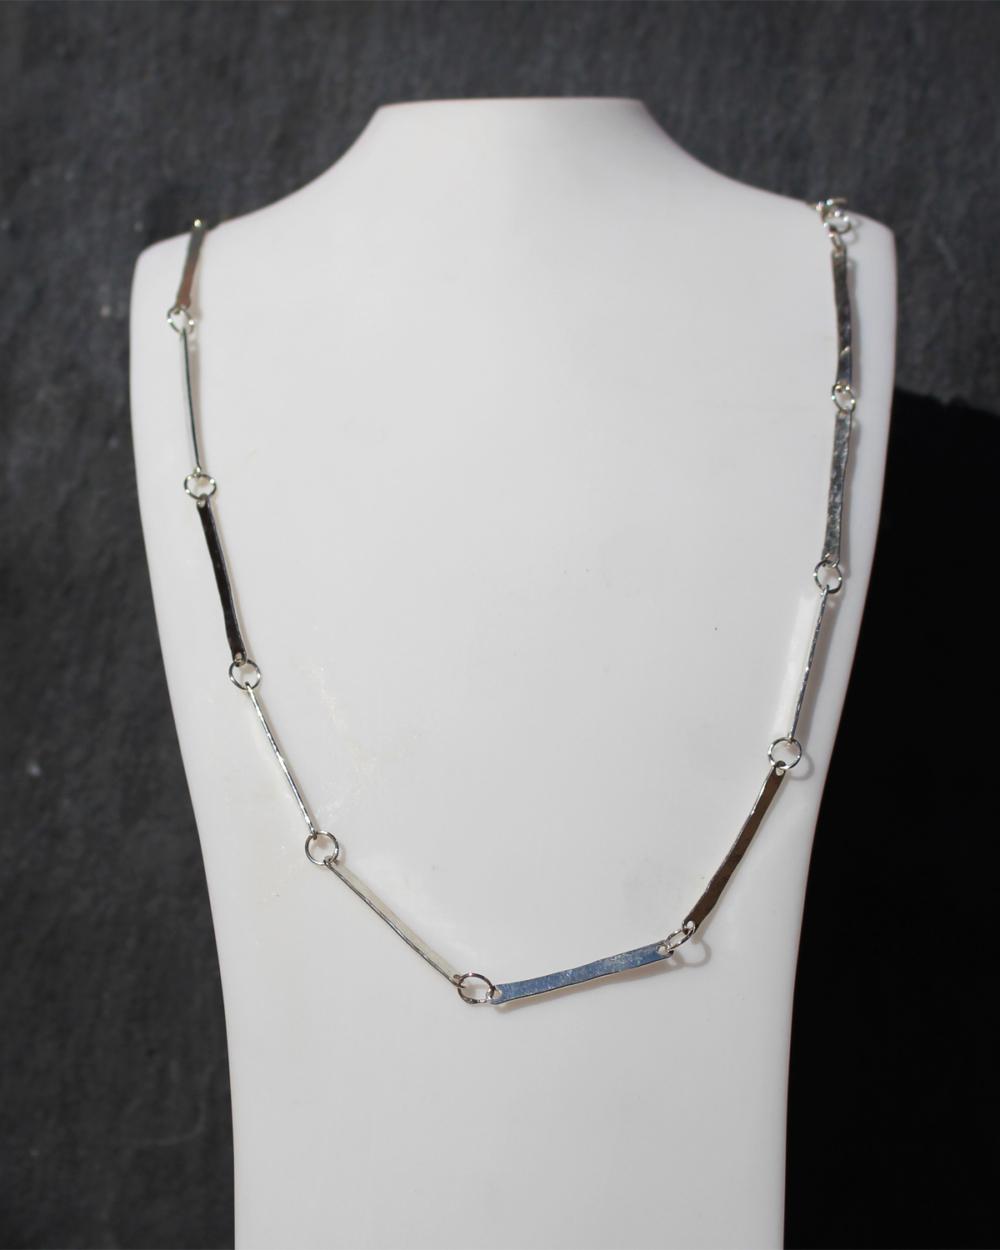 MSJ22 bar necklace by MAdeleine Spencer Jewellery